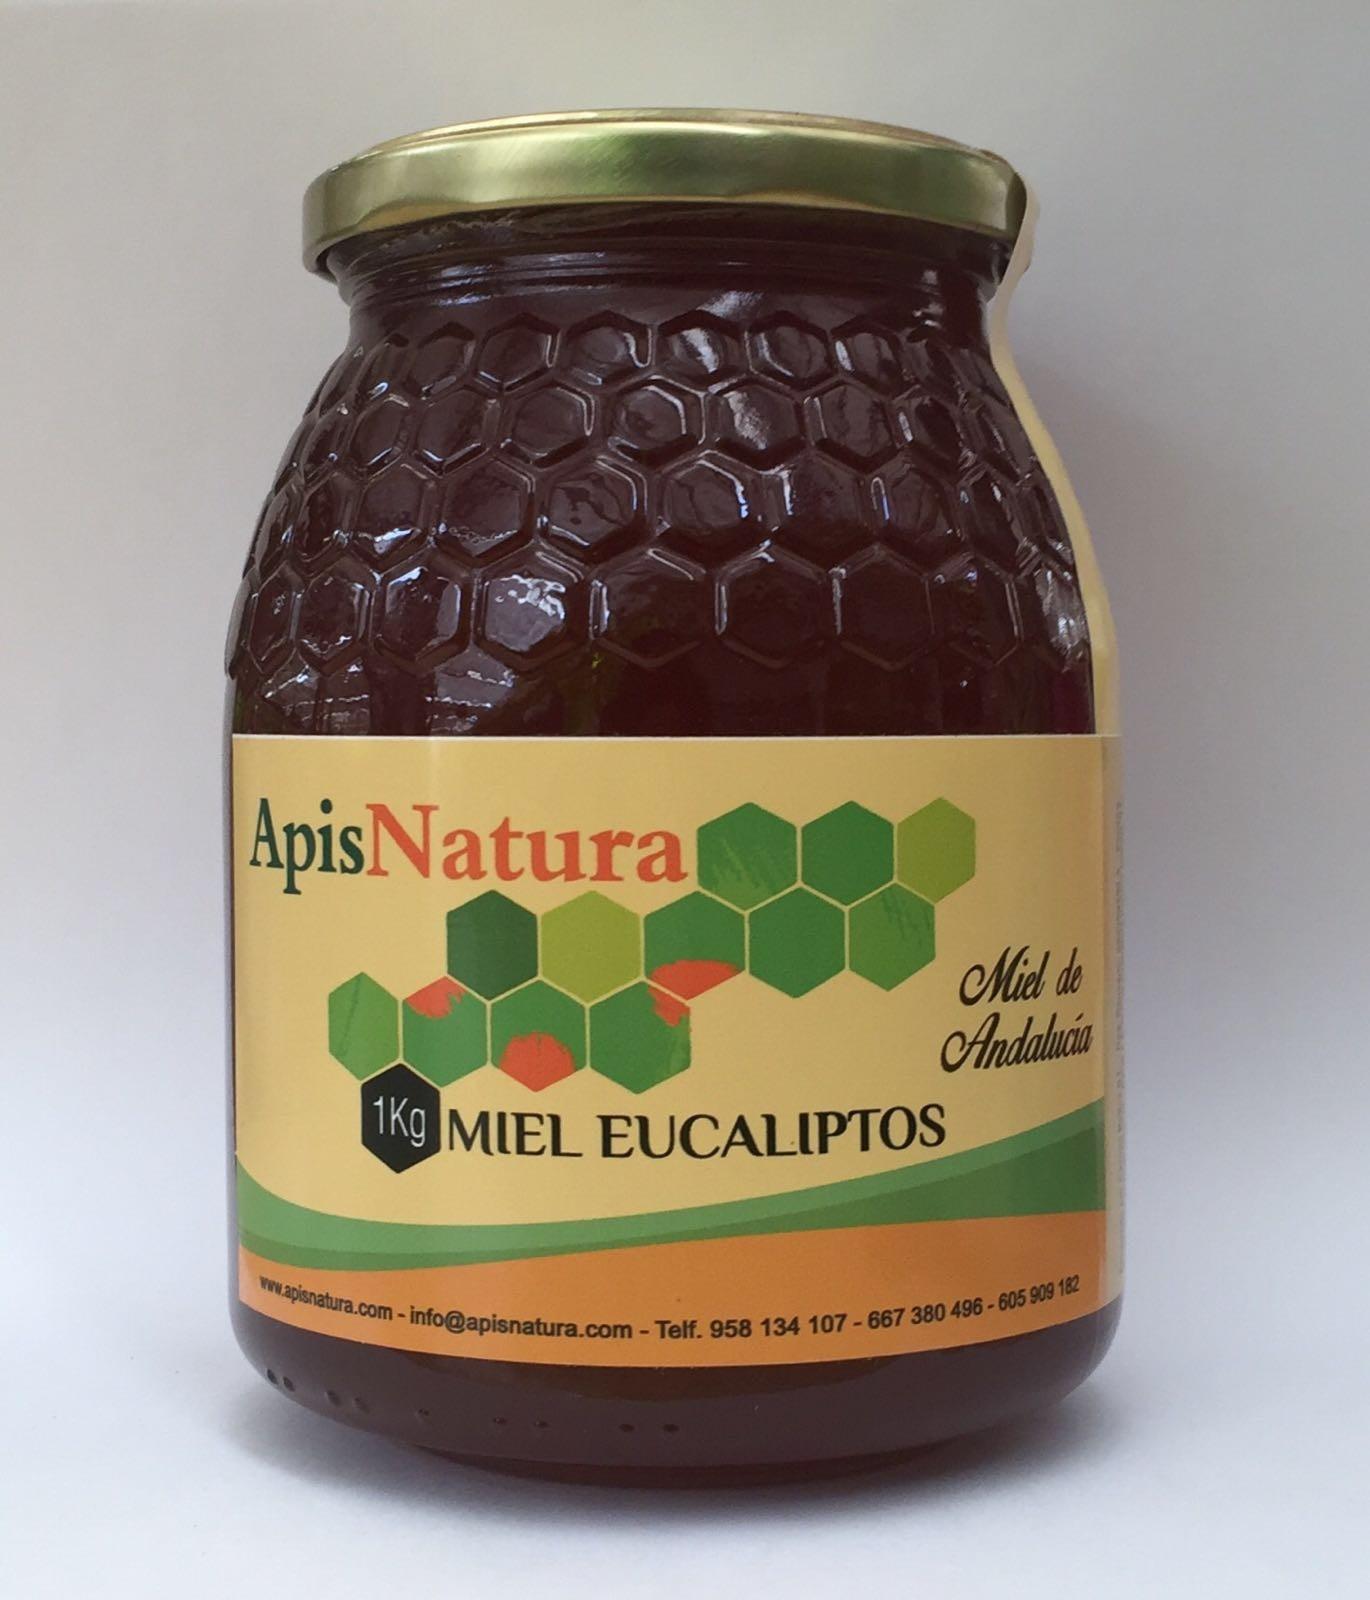 Nueva norma del etiquetado de la miel, ¿en qué consiste y cómo afecta a los productores?